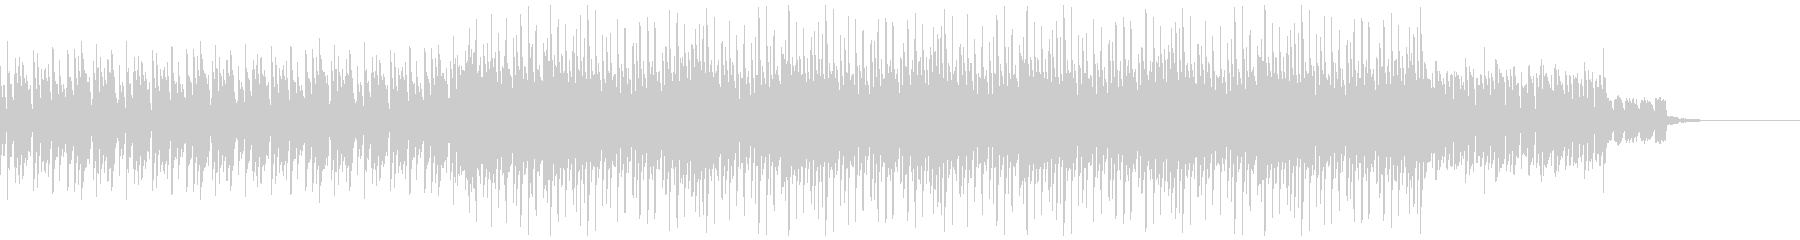 コーポレートテクスチャ―13の未再生の波形